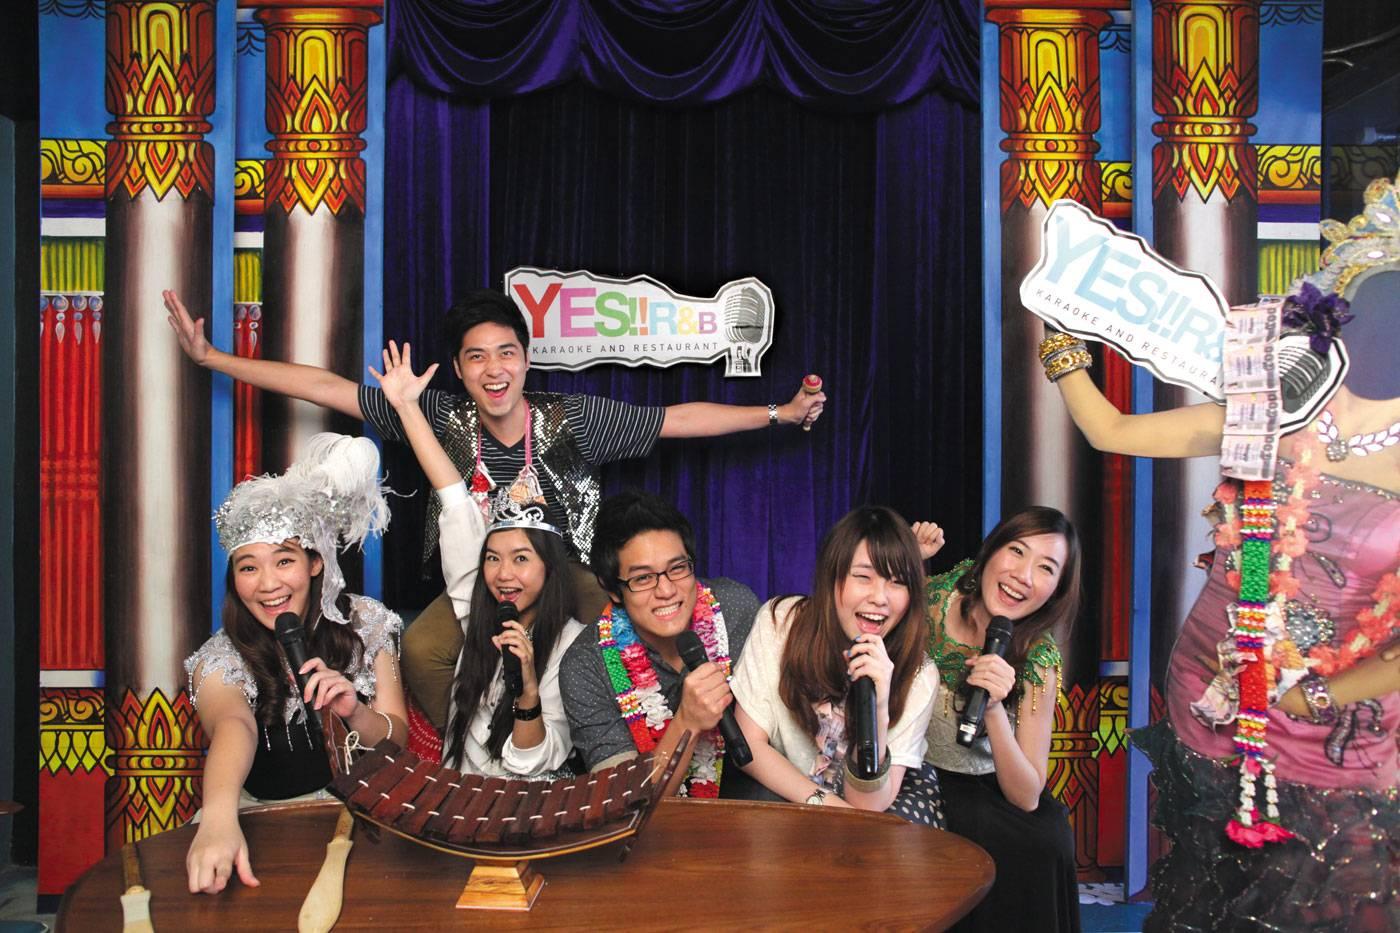 ร้านอาหาร Yes!! R&B Karaoke ทองหล่อ 10